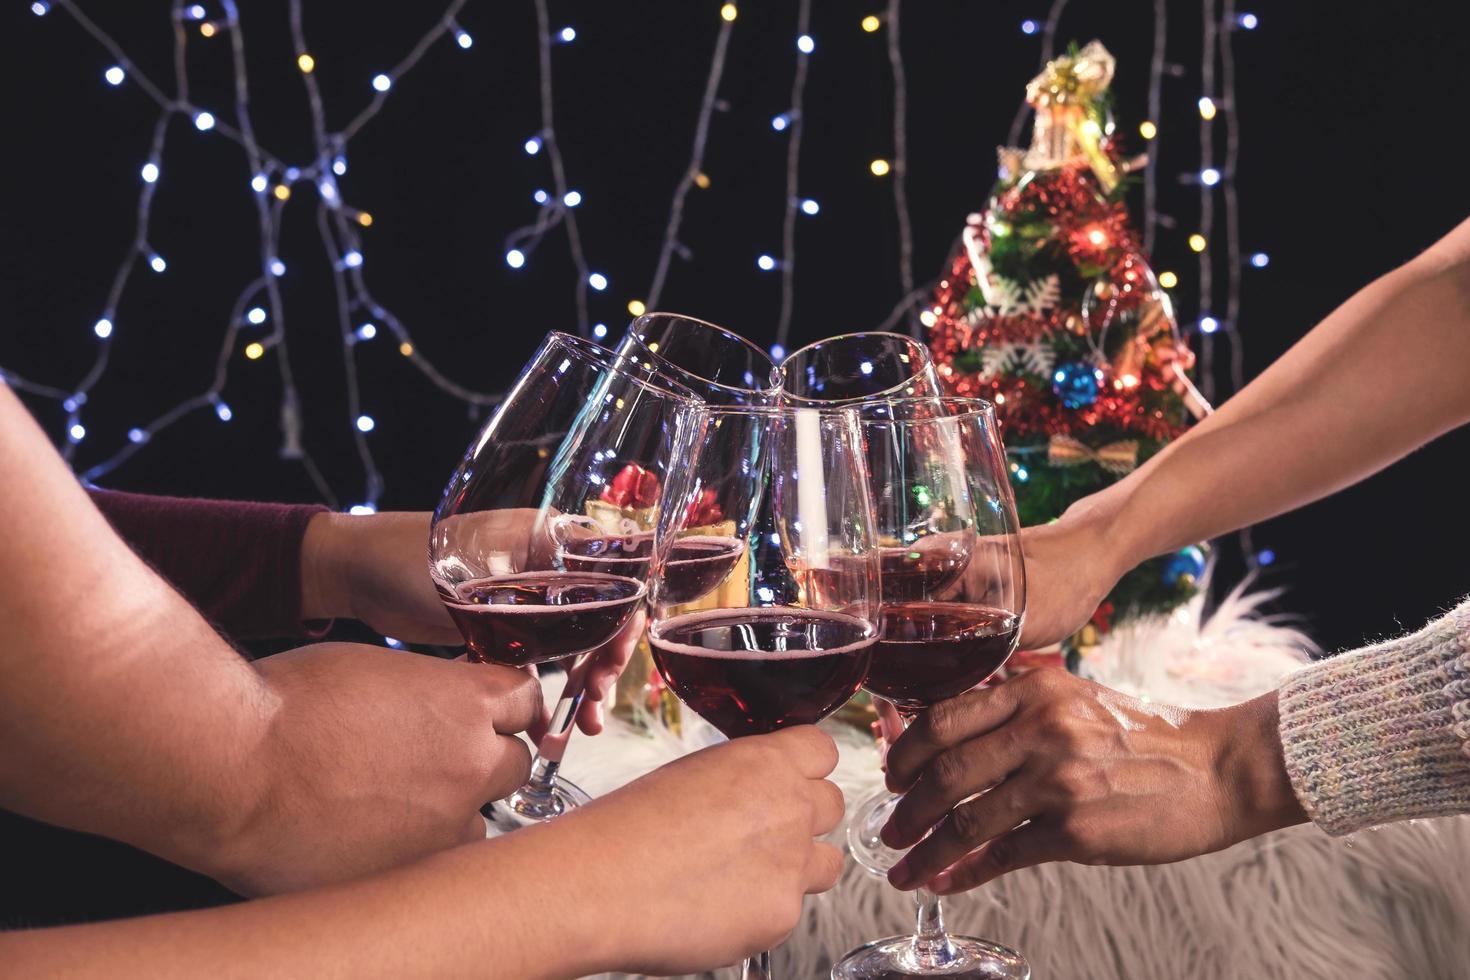 festa di capodanno, tifo per il vino foto